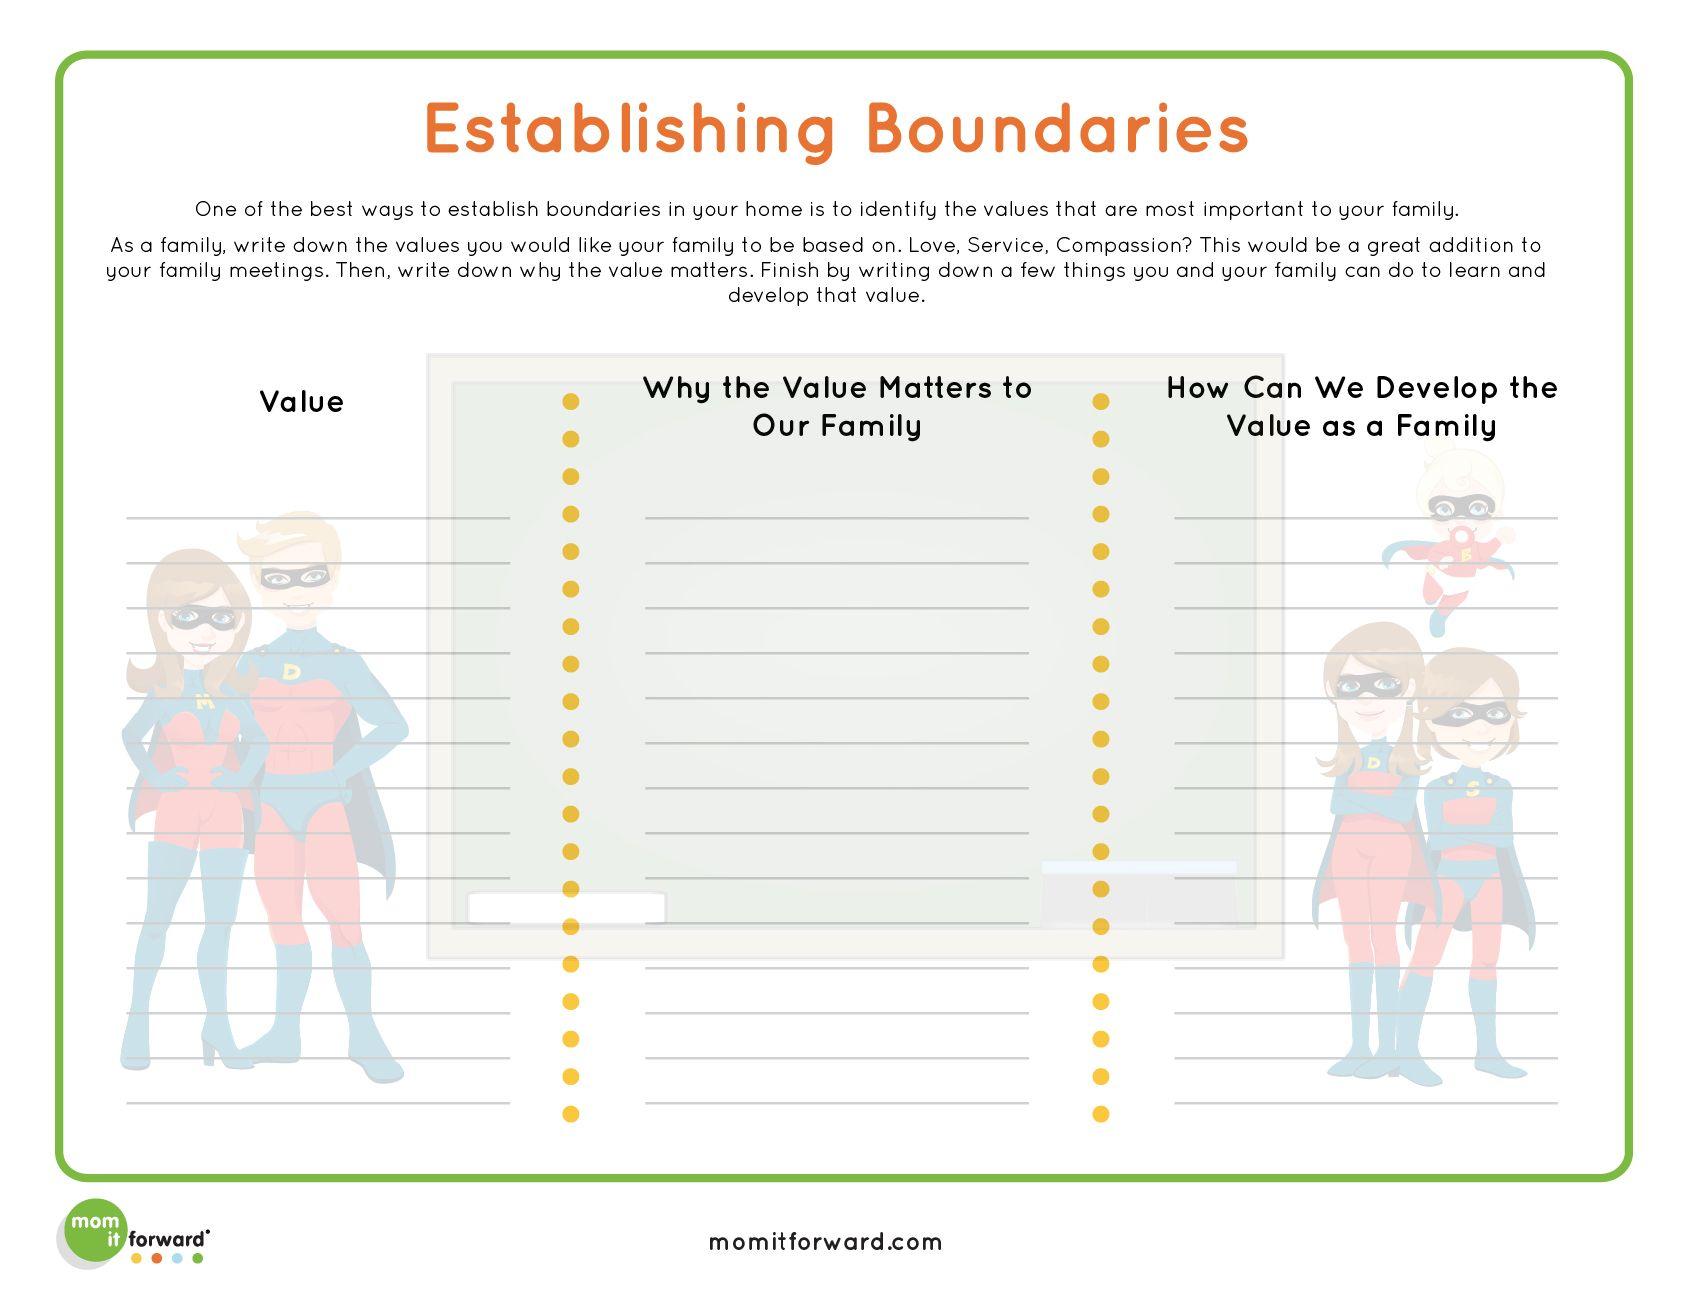 worksheet. Building Healthy Boundaries Worksheets. Carlos Lomas ...